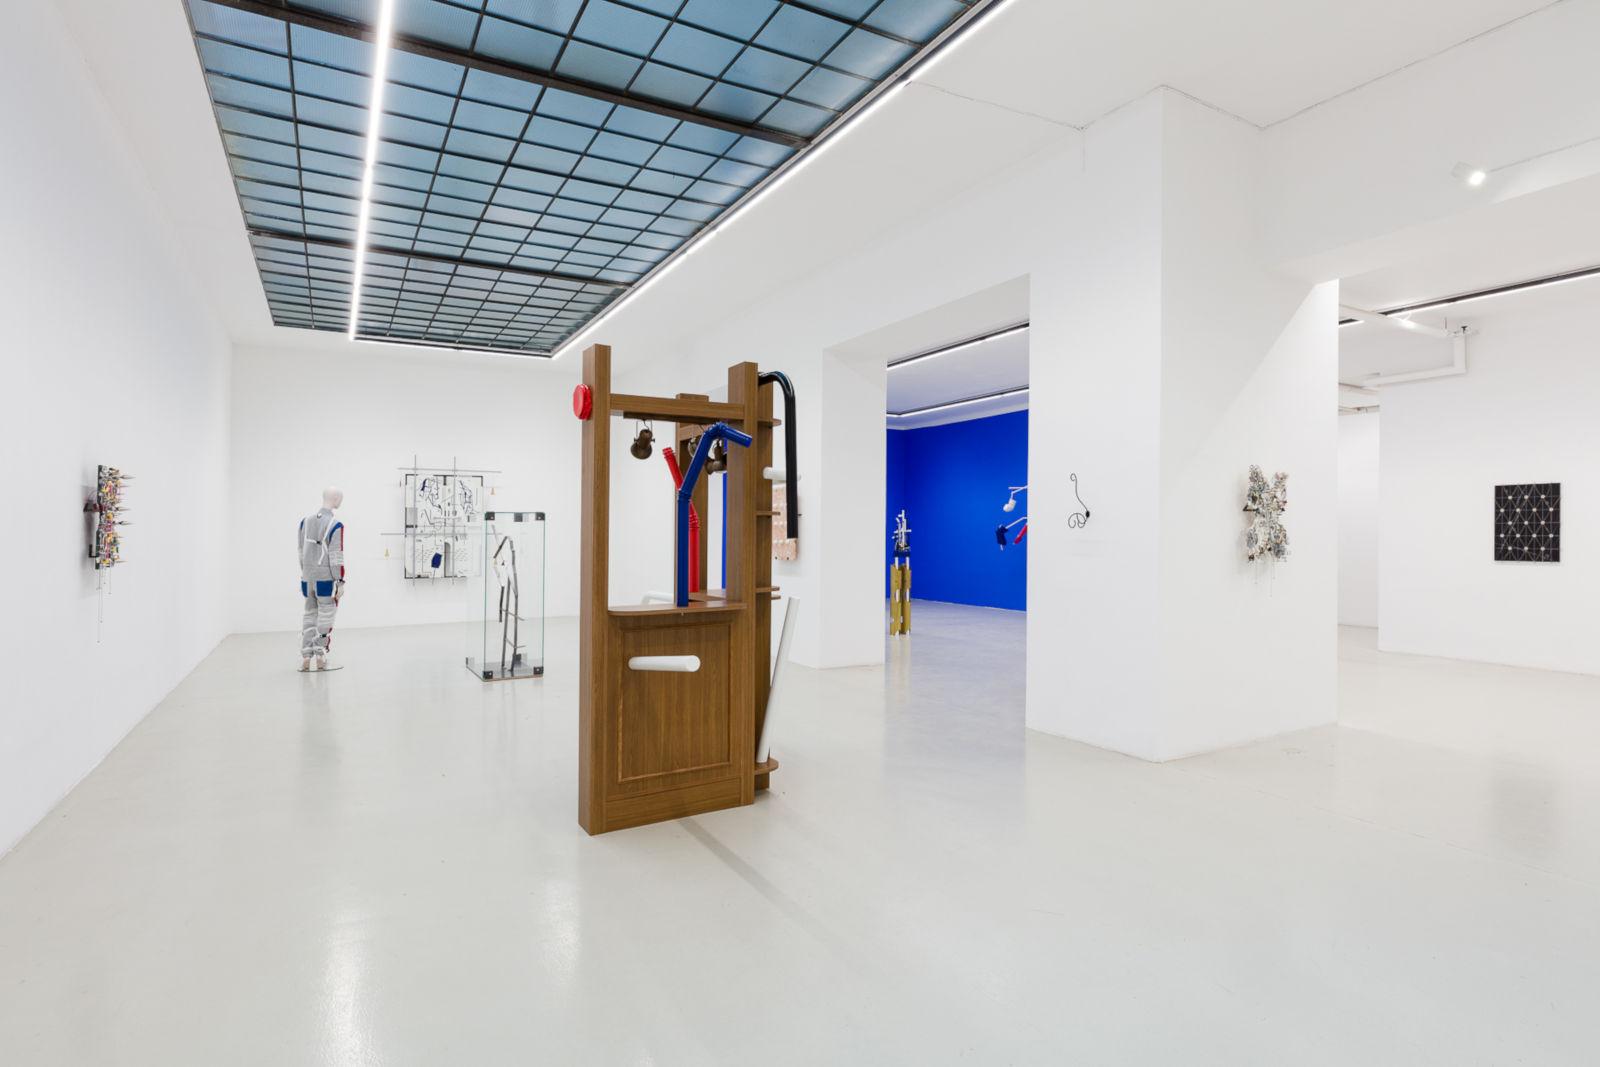 Galerie-Lisa-Kandlhofer-George-Henry-Longly 1